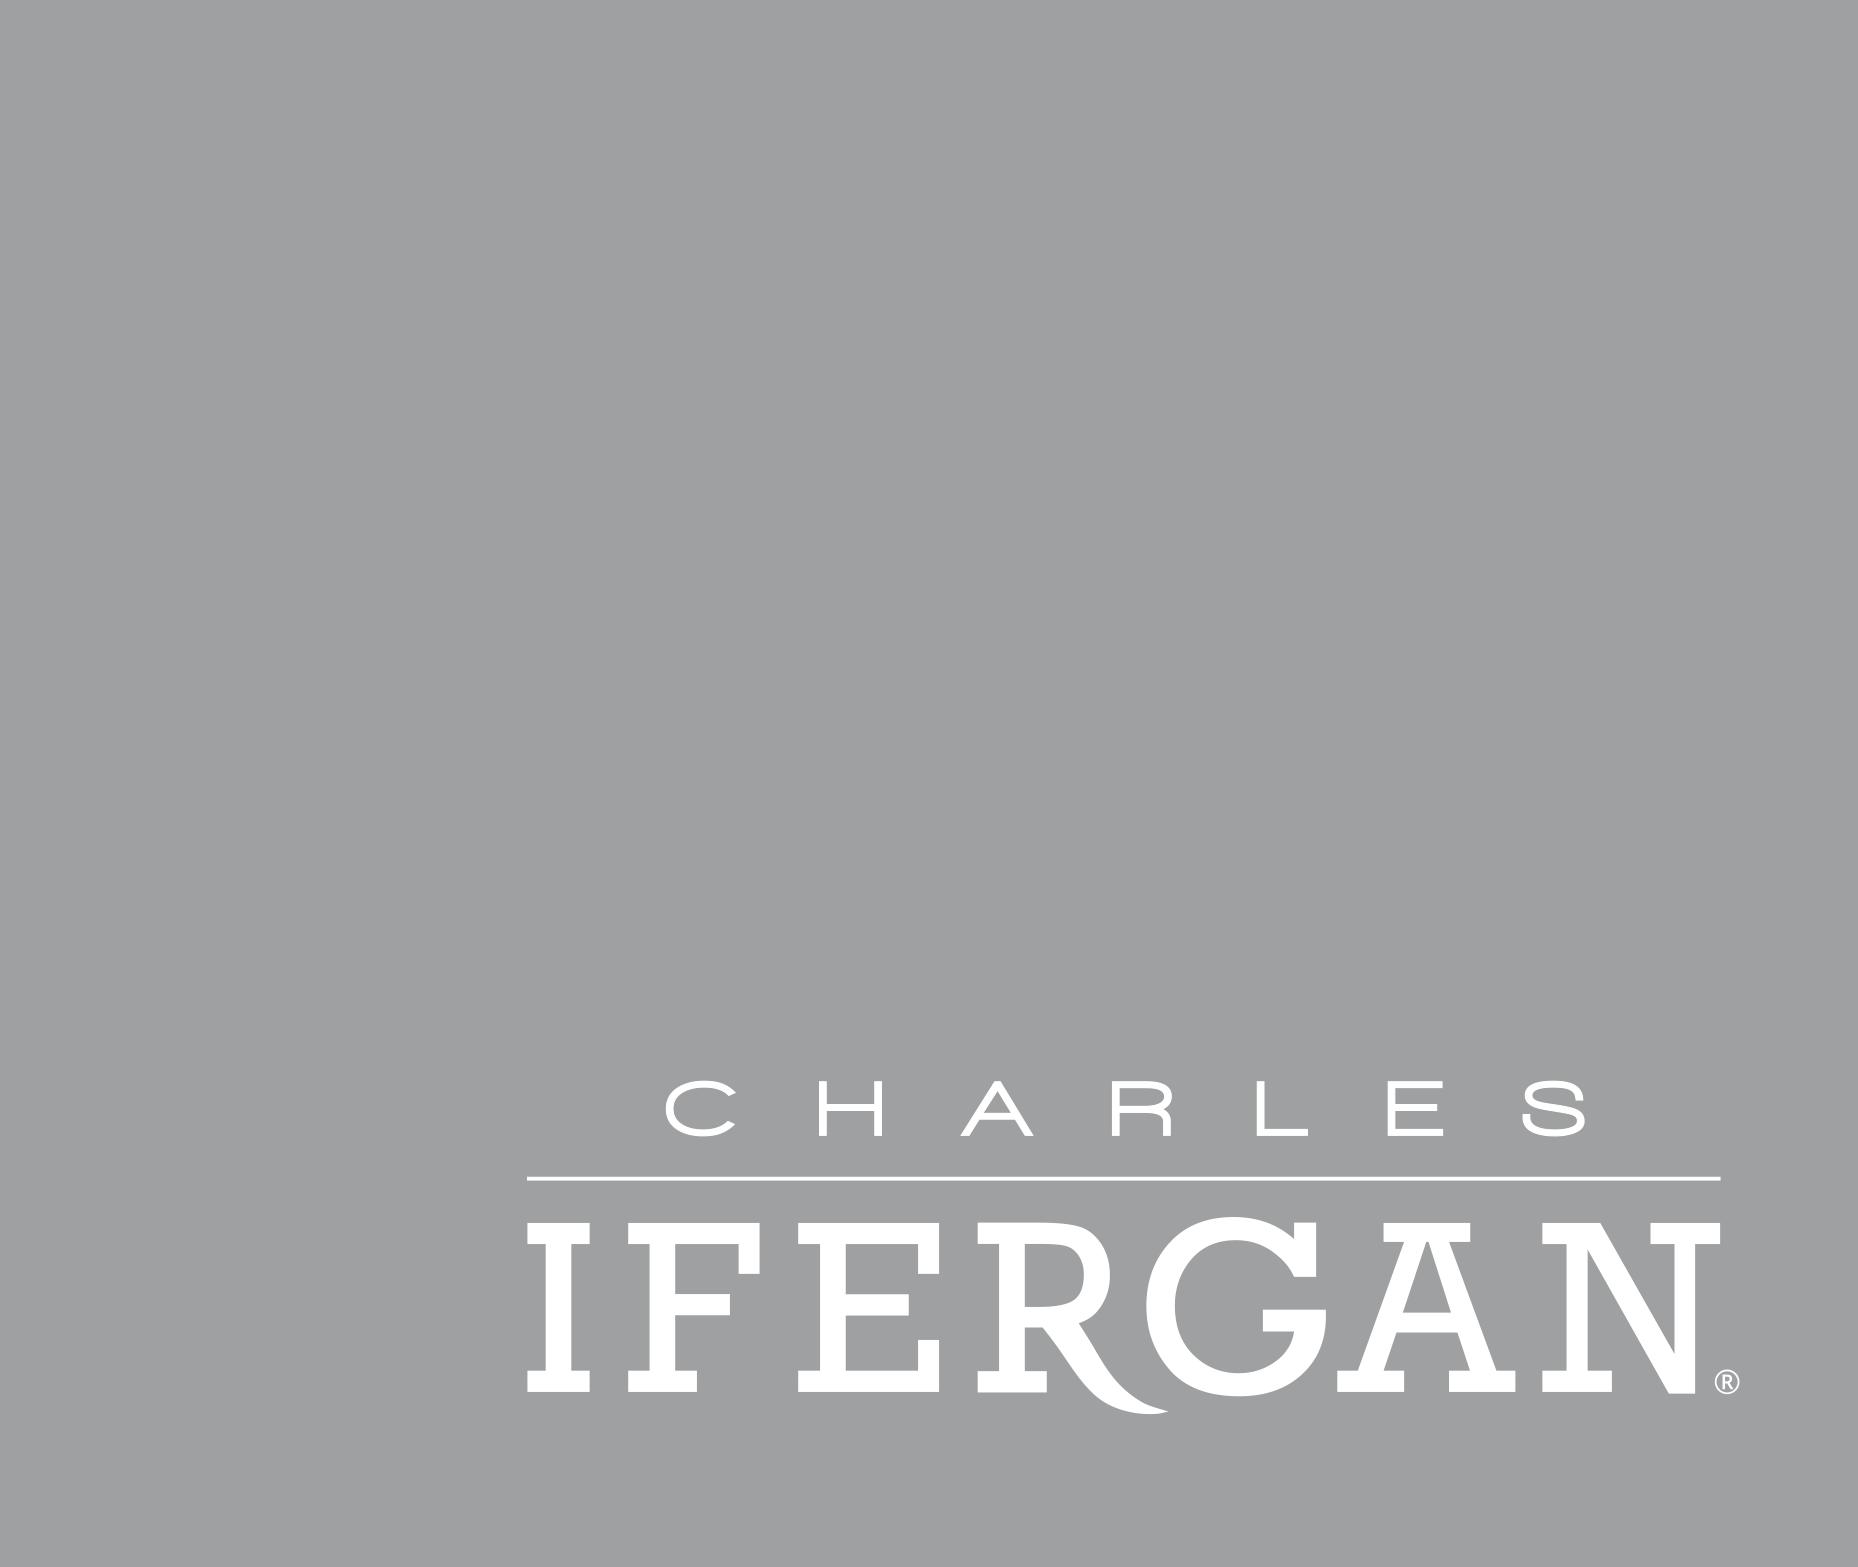 Charles Ifergan-Chicago